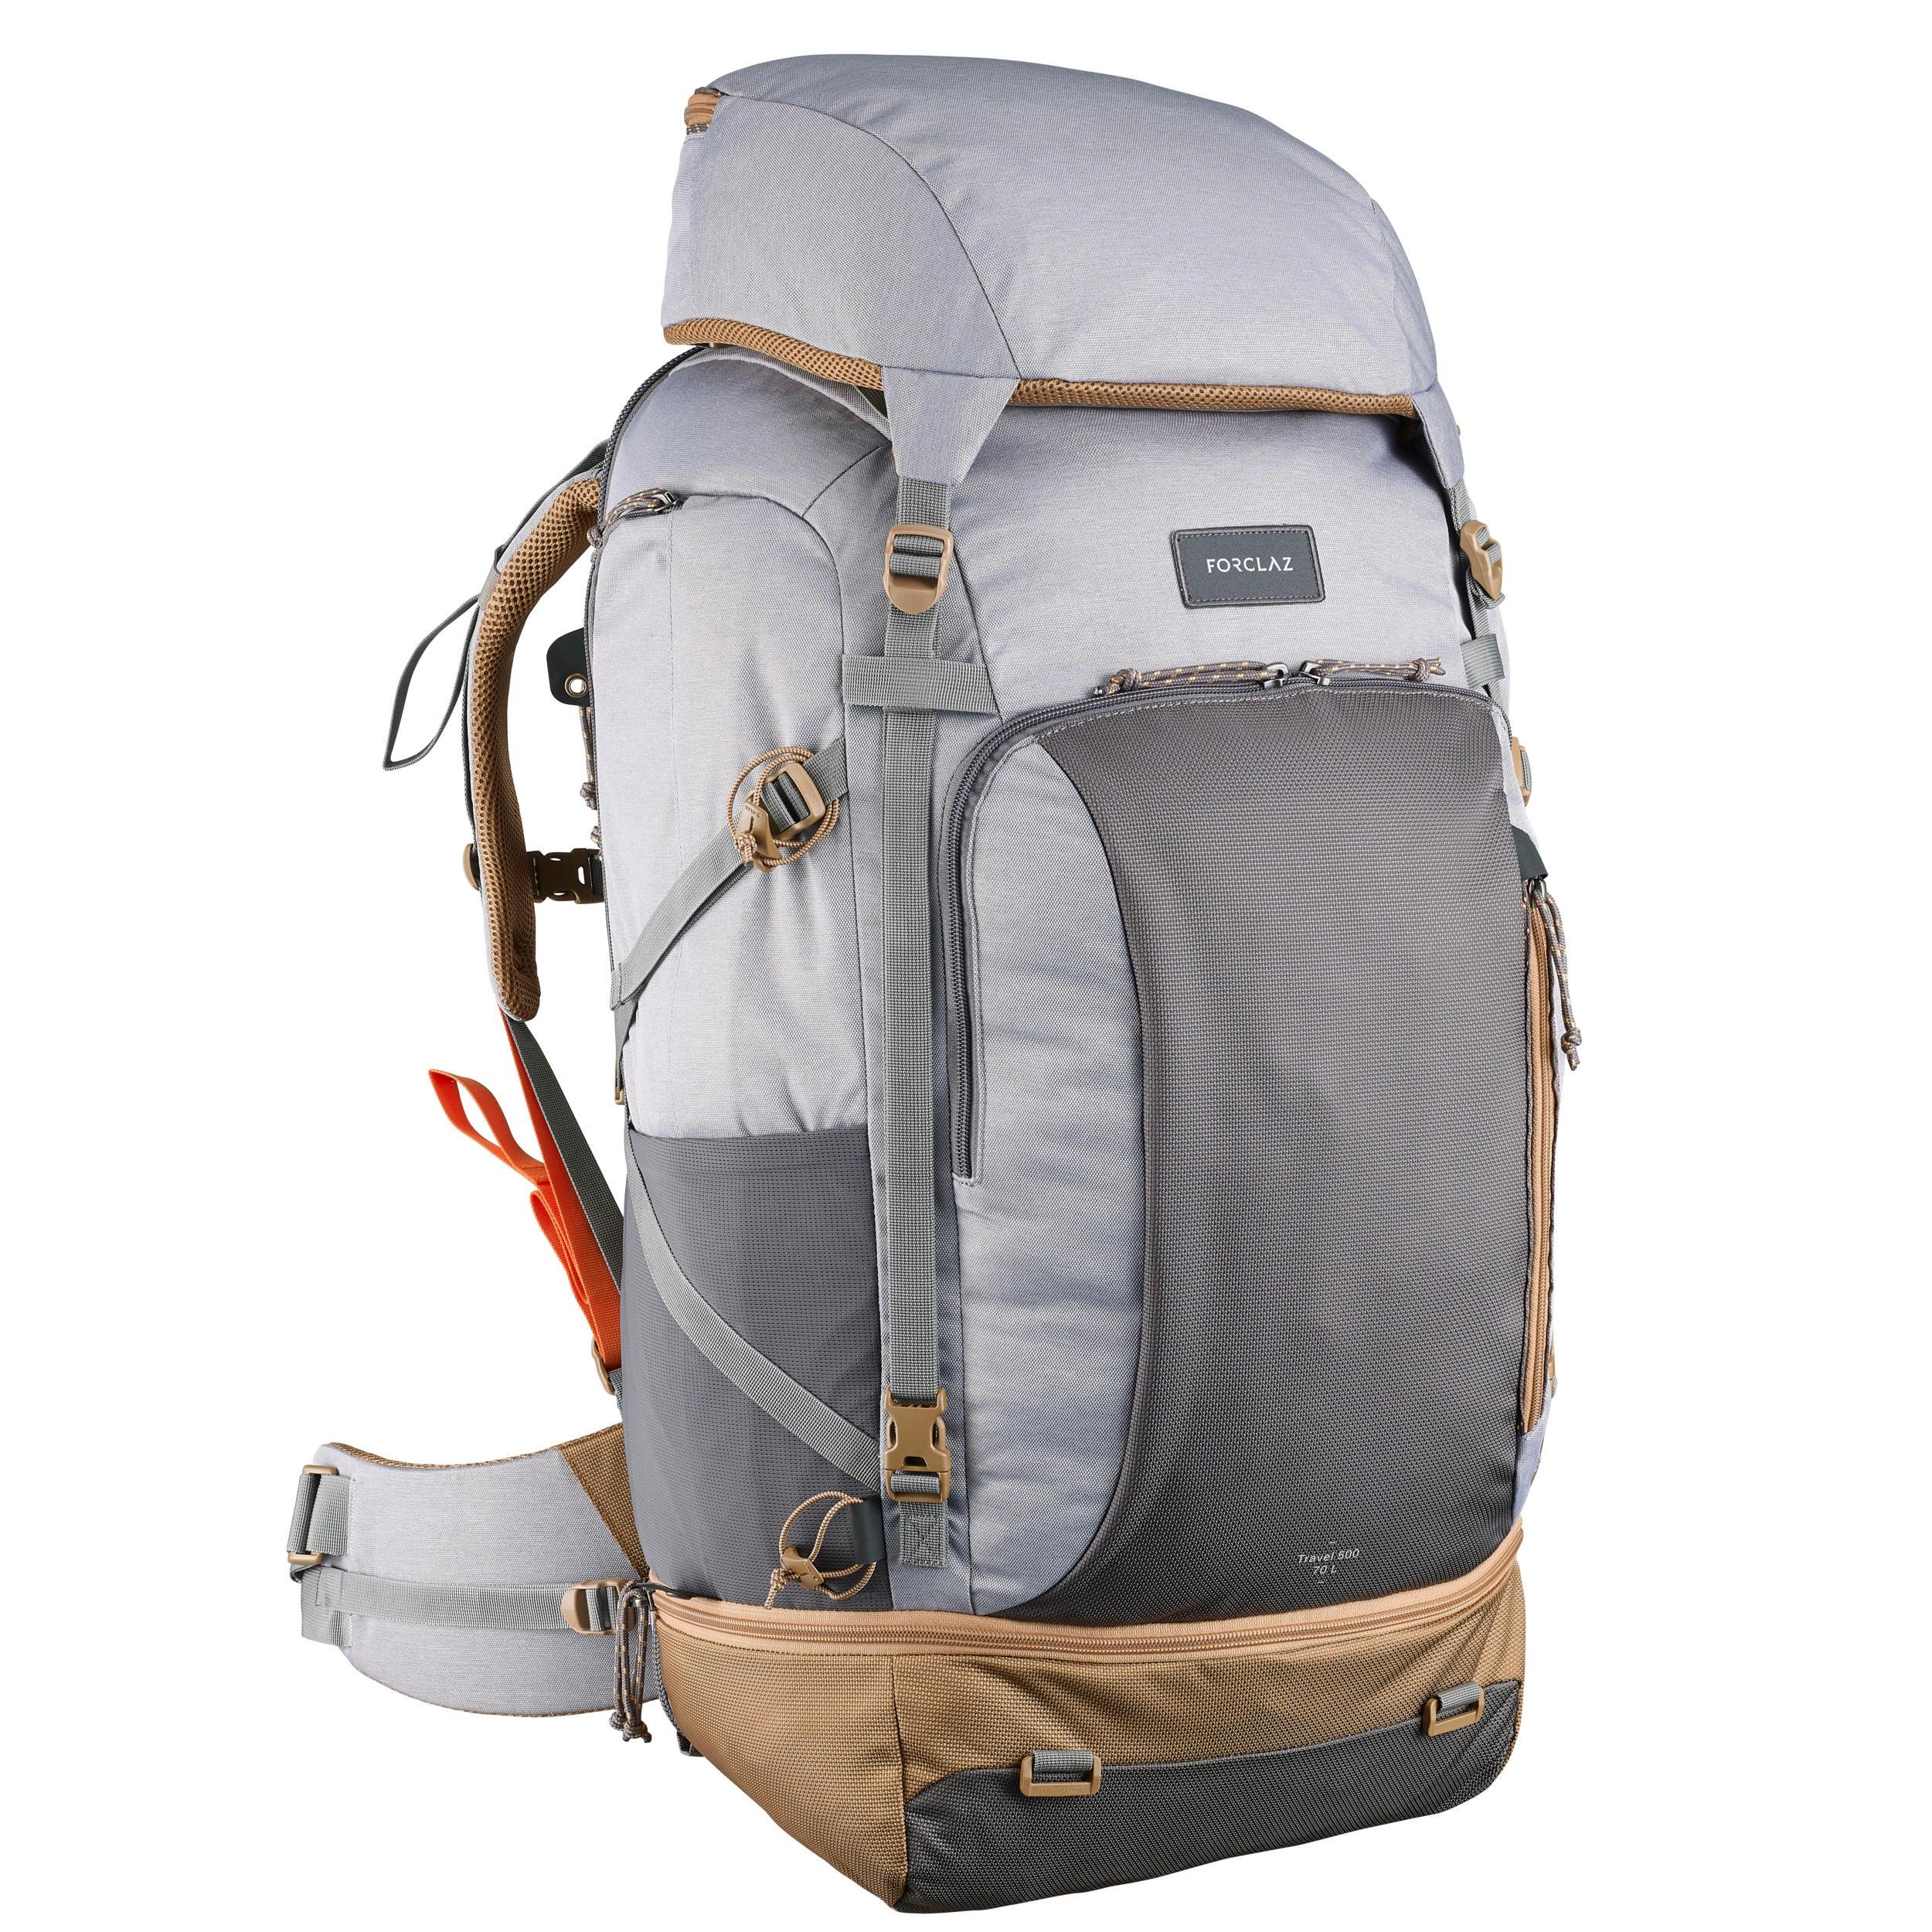 6521697e78 Comprar Artículos para Trekking de Montaña online | Decathlon